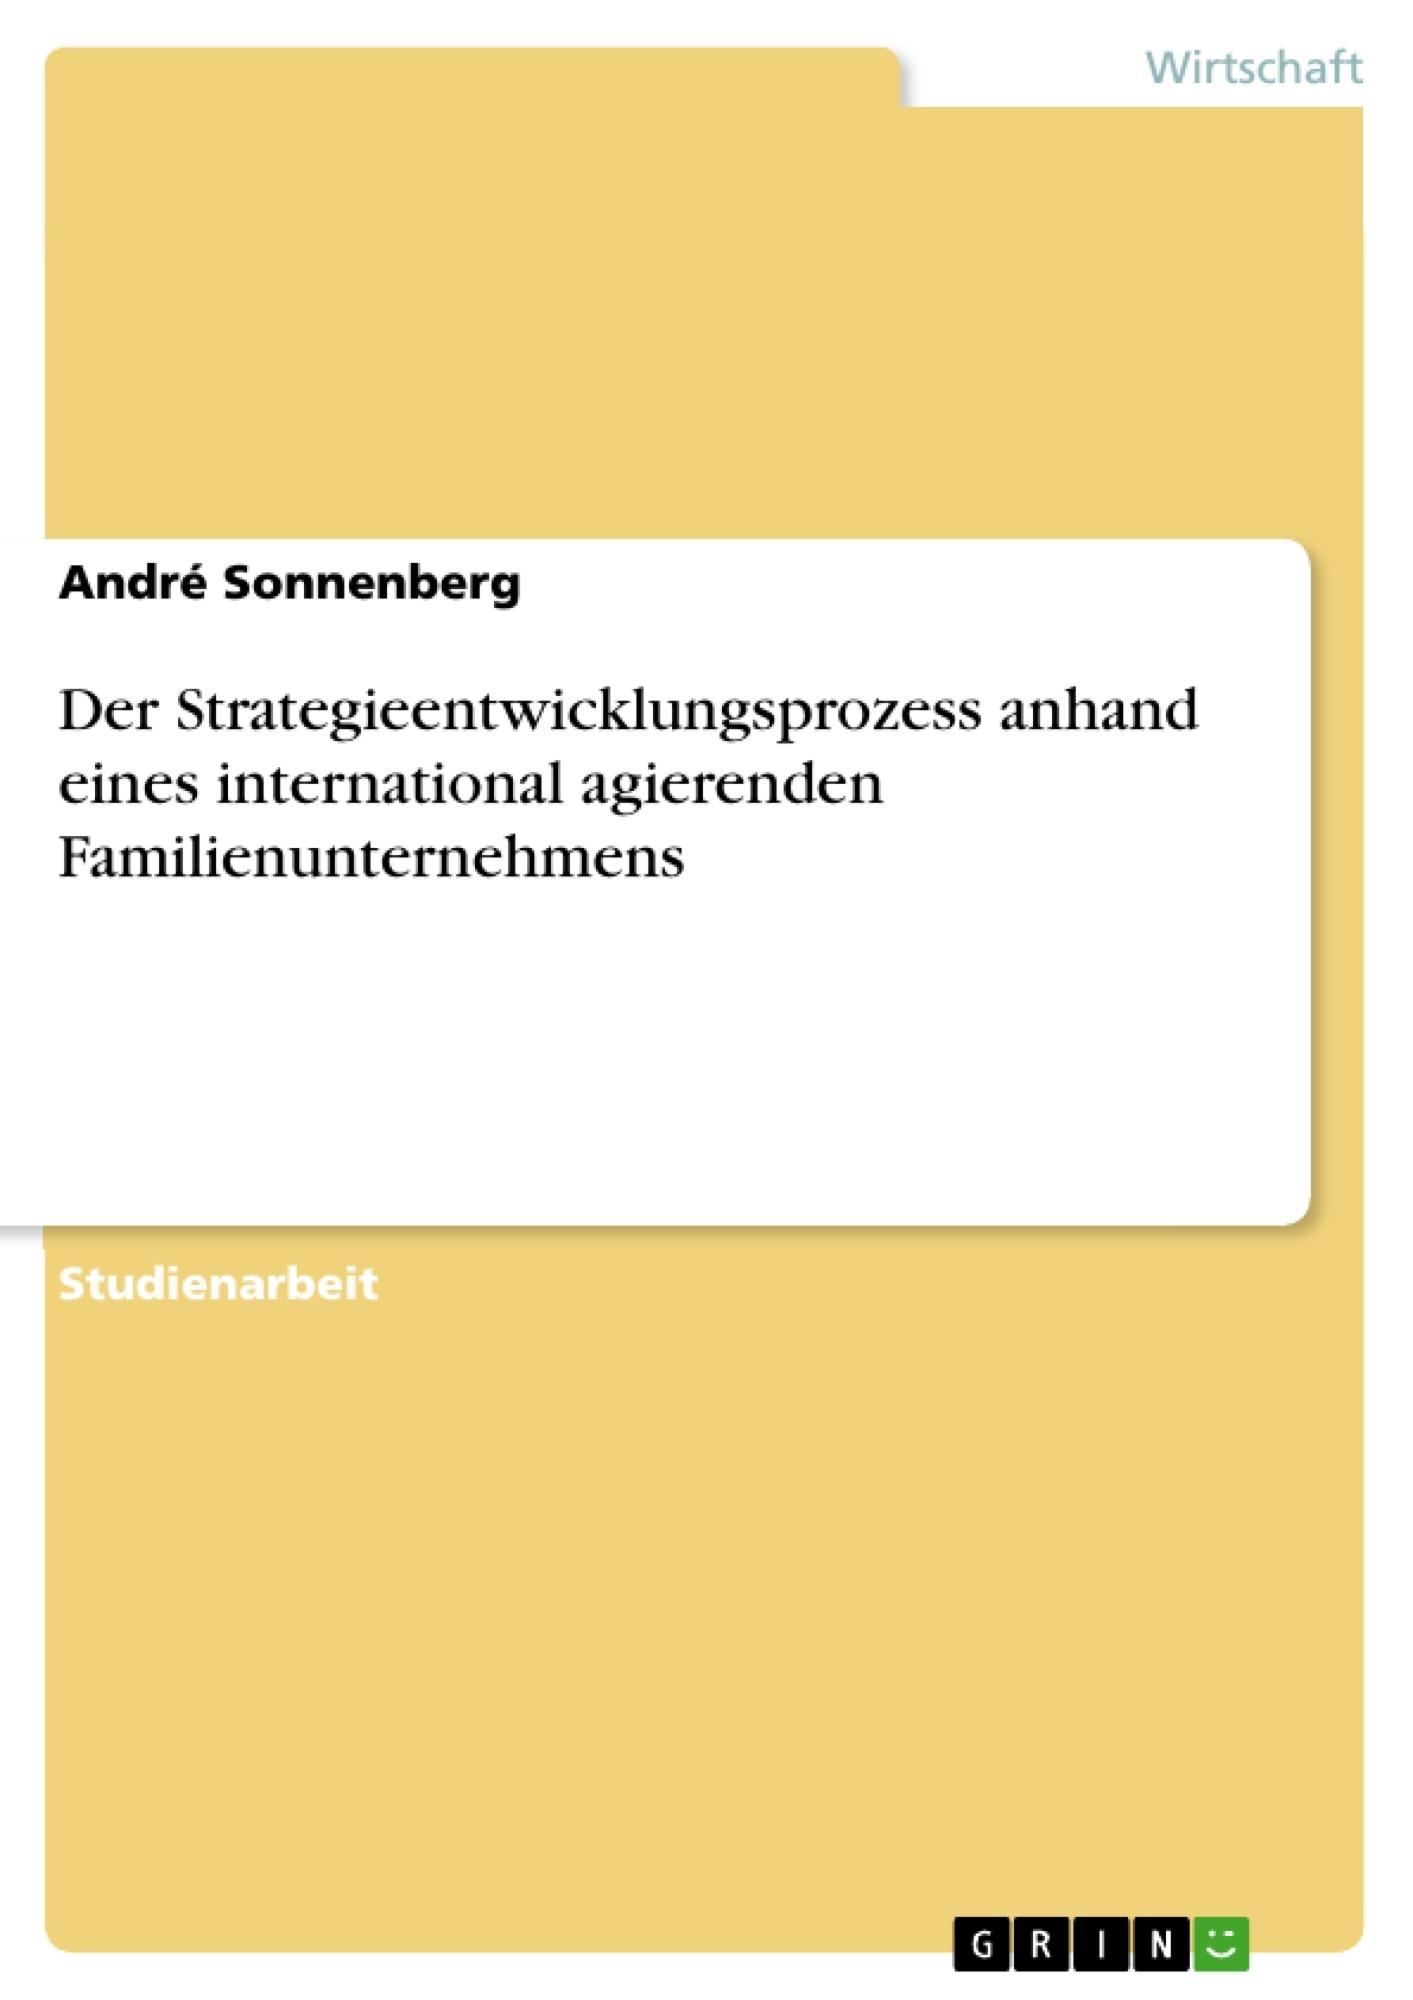 Titel: Der Strategieentwicklungsprozess anhand eines international agierenden Familienunternehmens